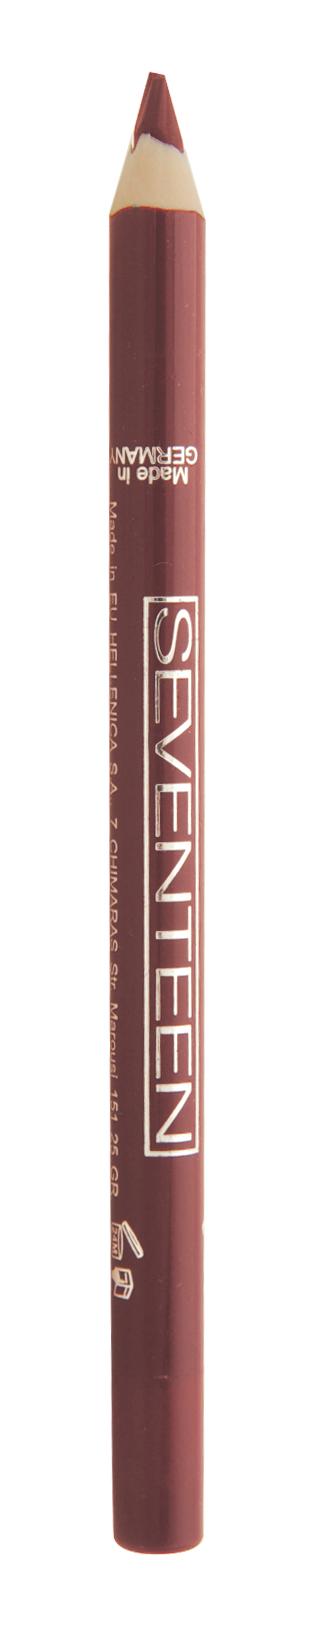 SEVENTEEN Карандаш водостойкий с витамином Е для губ, 05 персиковый / Super Smooth W/P Lip Liner 1,2 г